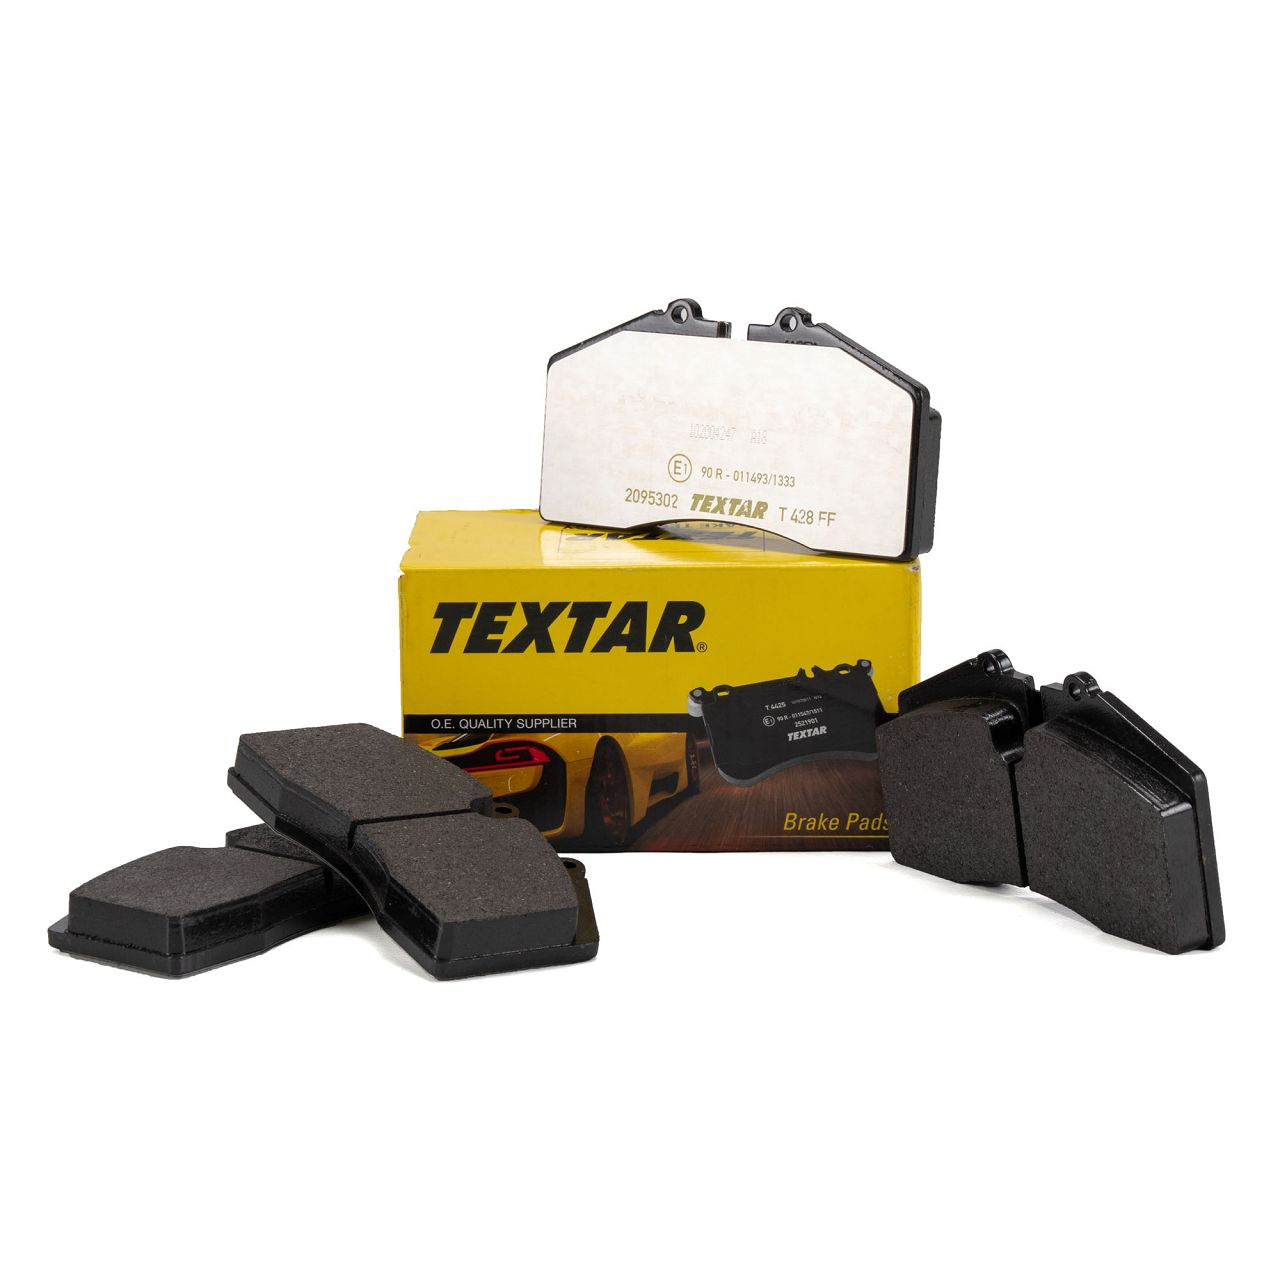 TEXTAR Bremsbeläge PORSCHE 928 + 944 + 959 + 968 + 911 (964 993) vorne / hinten